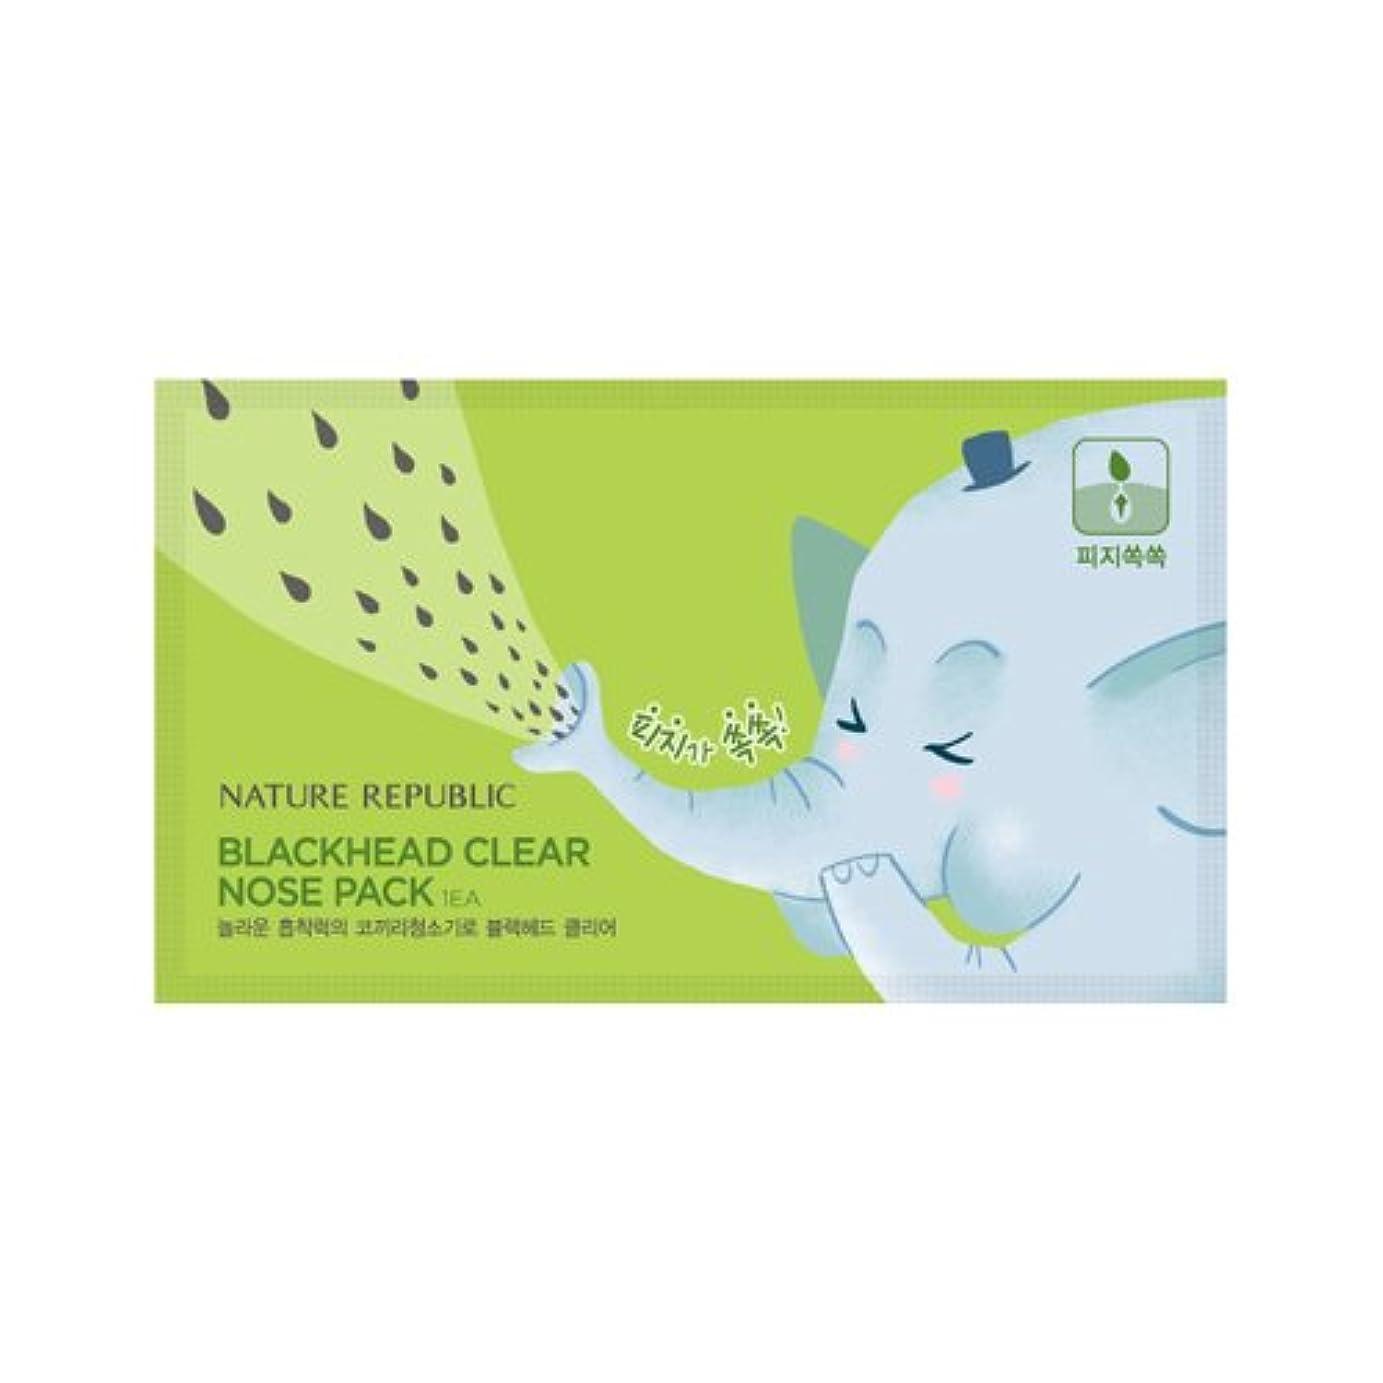 位置する予備シェルNature Republic Black Head Clear Nose Pack [5ea] ネーチャーリパブリック ブラックヘッドクリア 鼻パック [5枚] [並行輸入品]